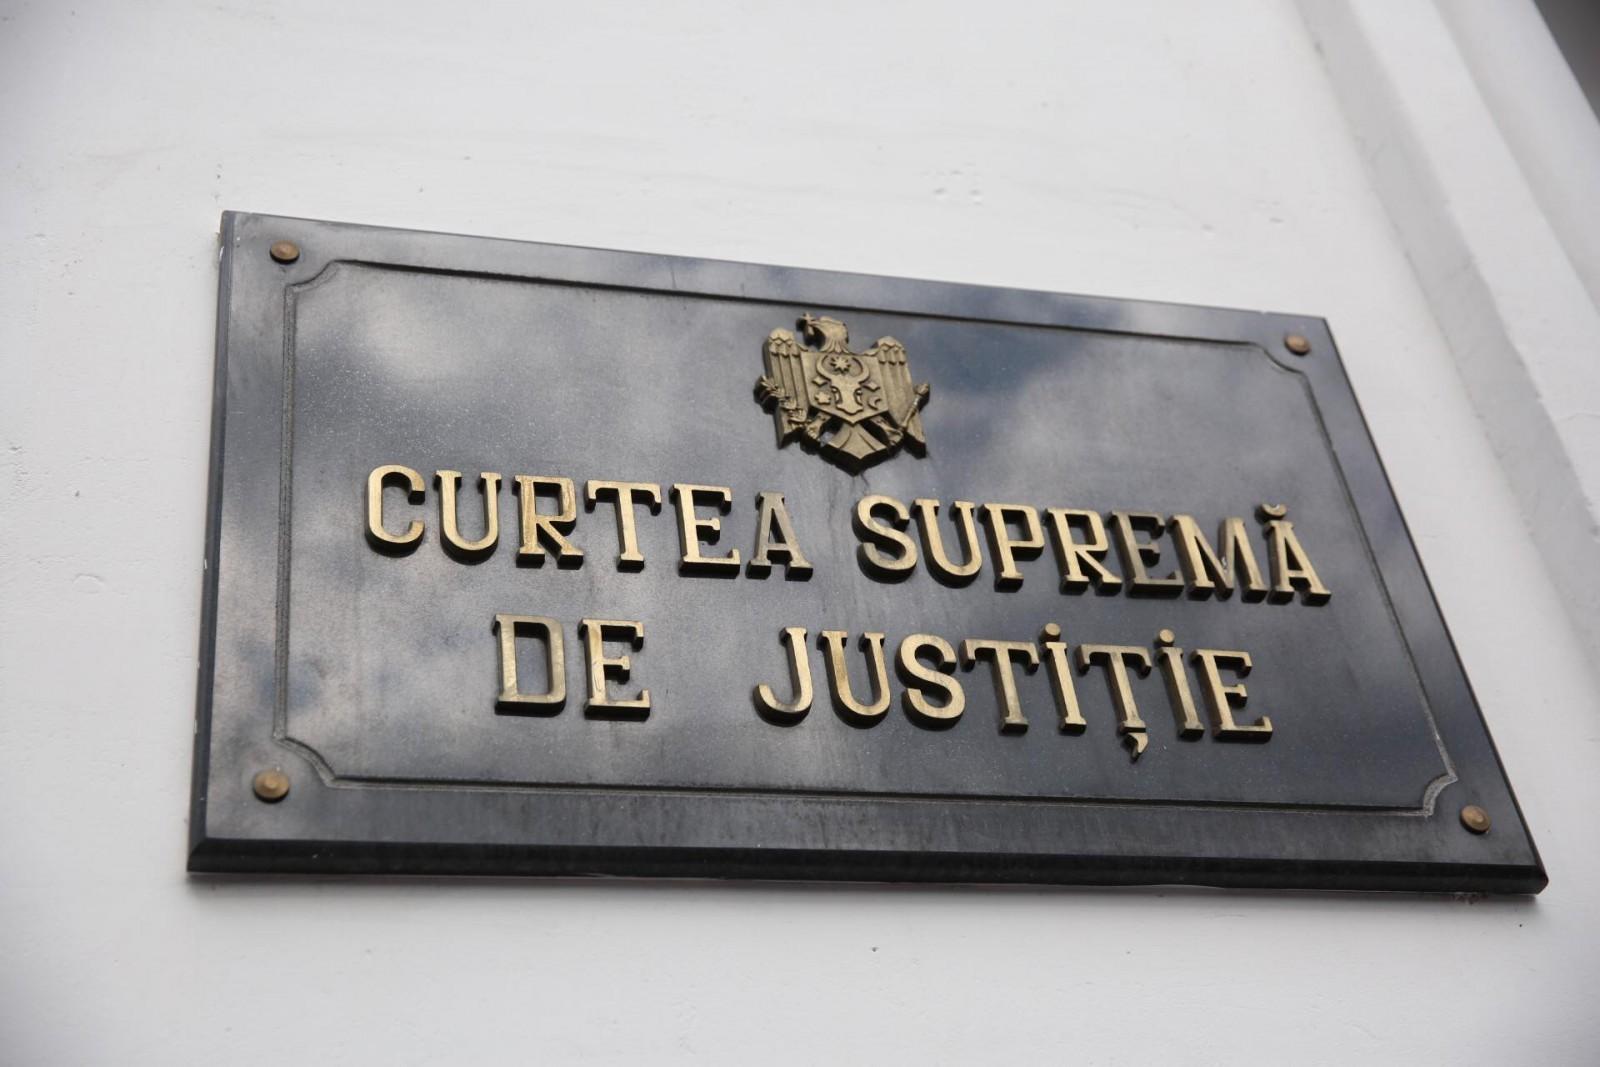 Judecătorii care vor să ajungă președinte al Curții Supreme de Justiție se pot înscrie în concurs. Până când pot fi depuse cererile